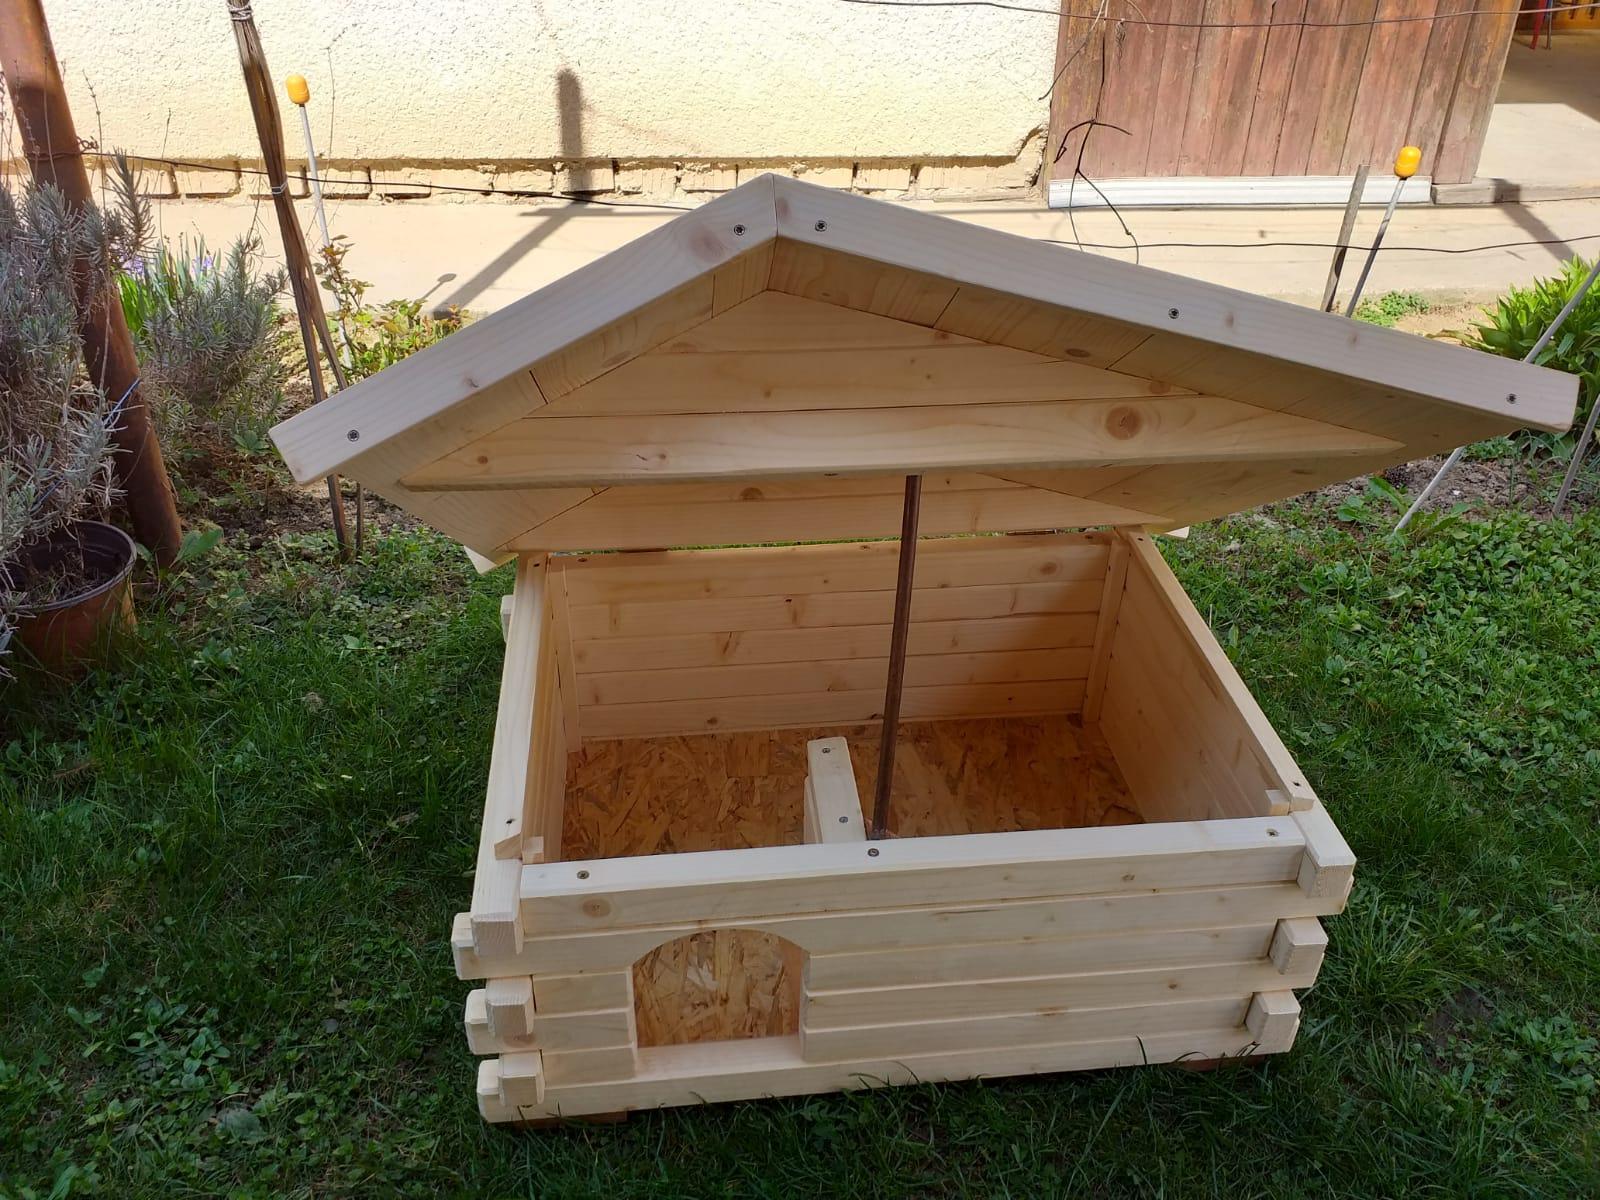 Domček pre malého psíka alebo mačku - Obrázok č. 2